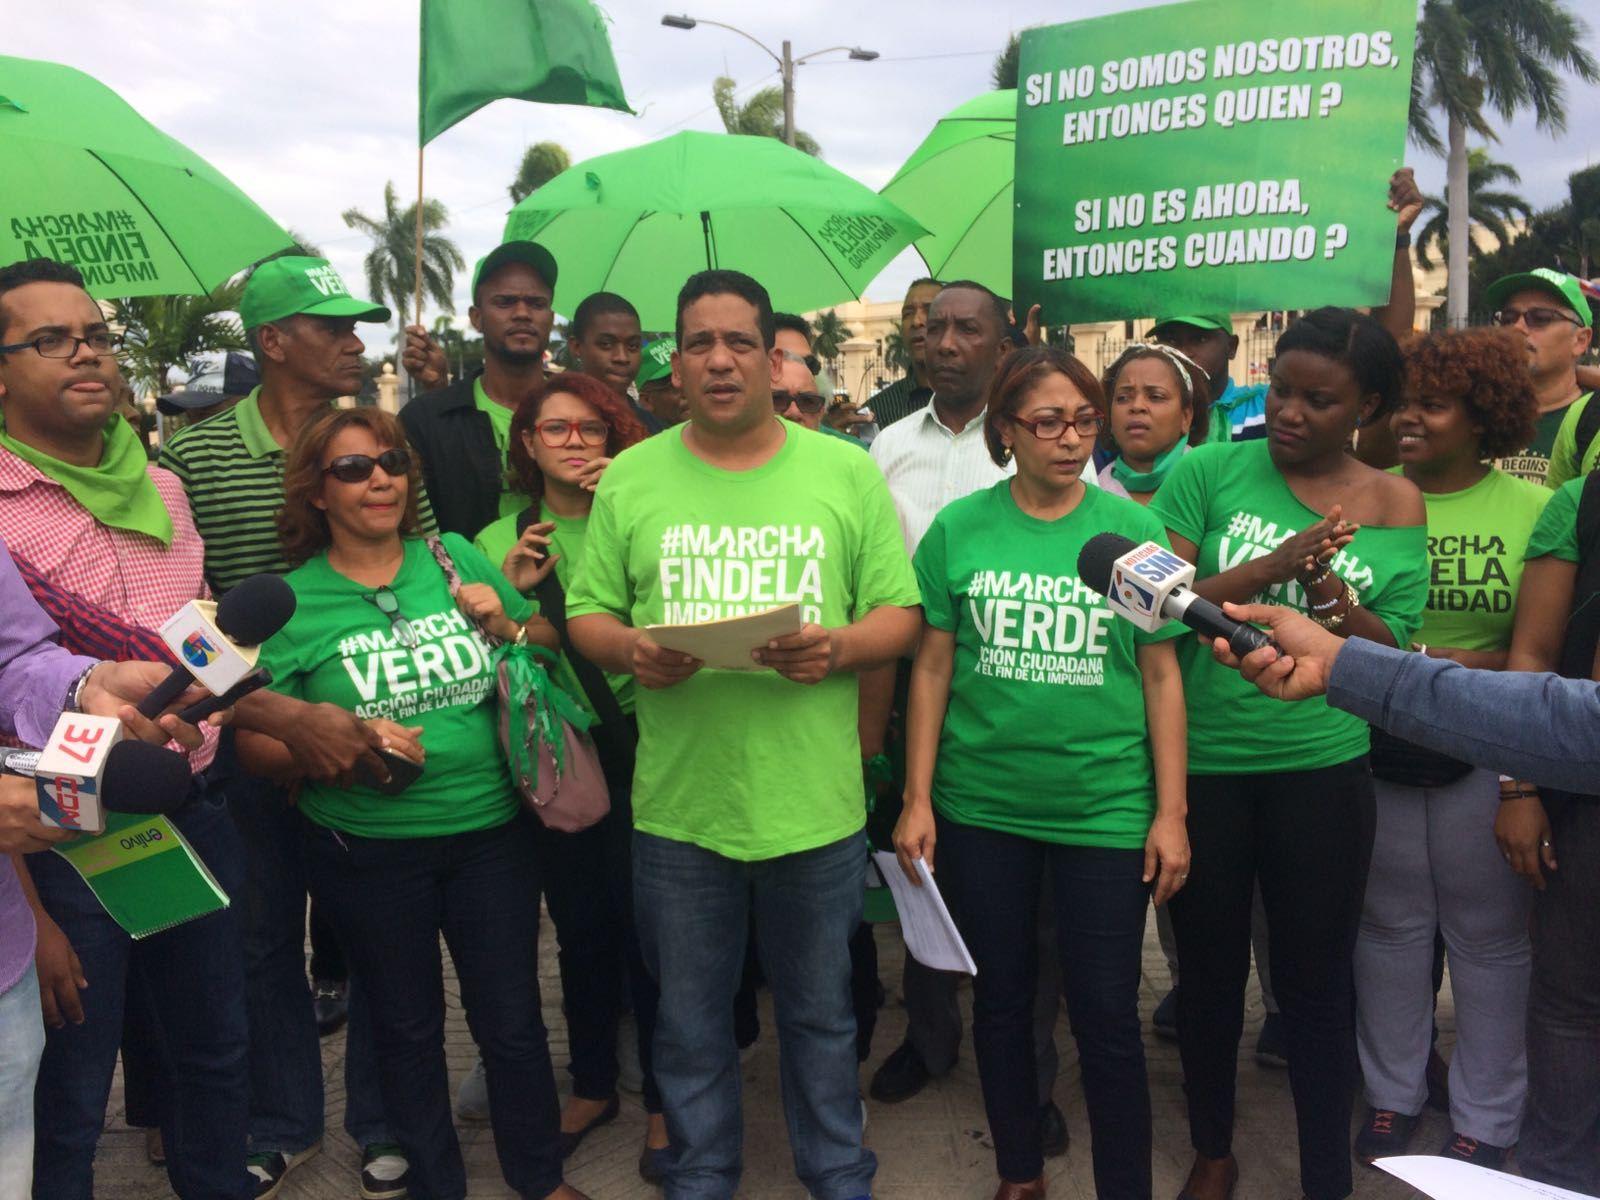 Movimiento afirma Danilo Medina demostró es parte de impunidad y corrupción